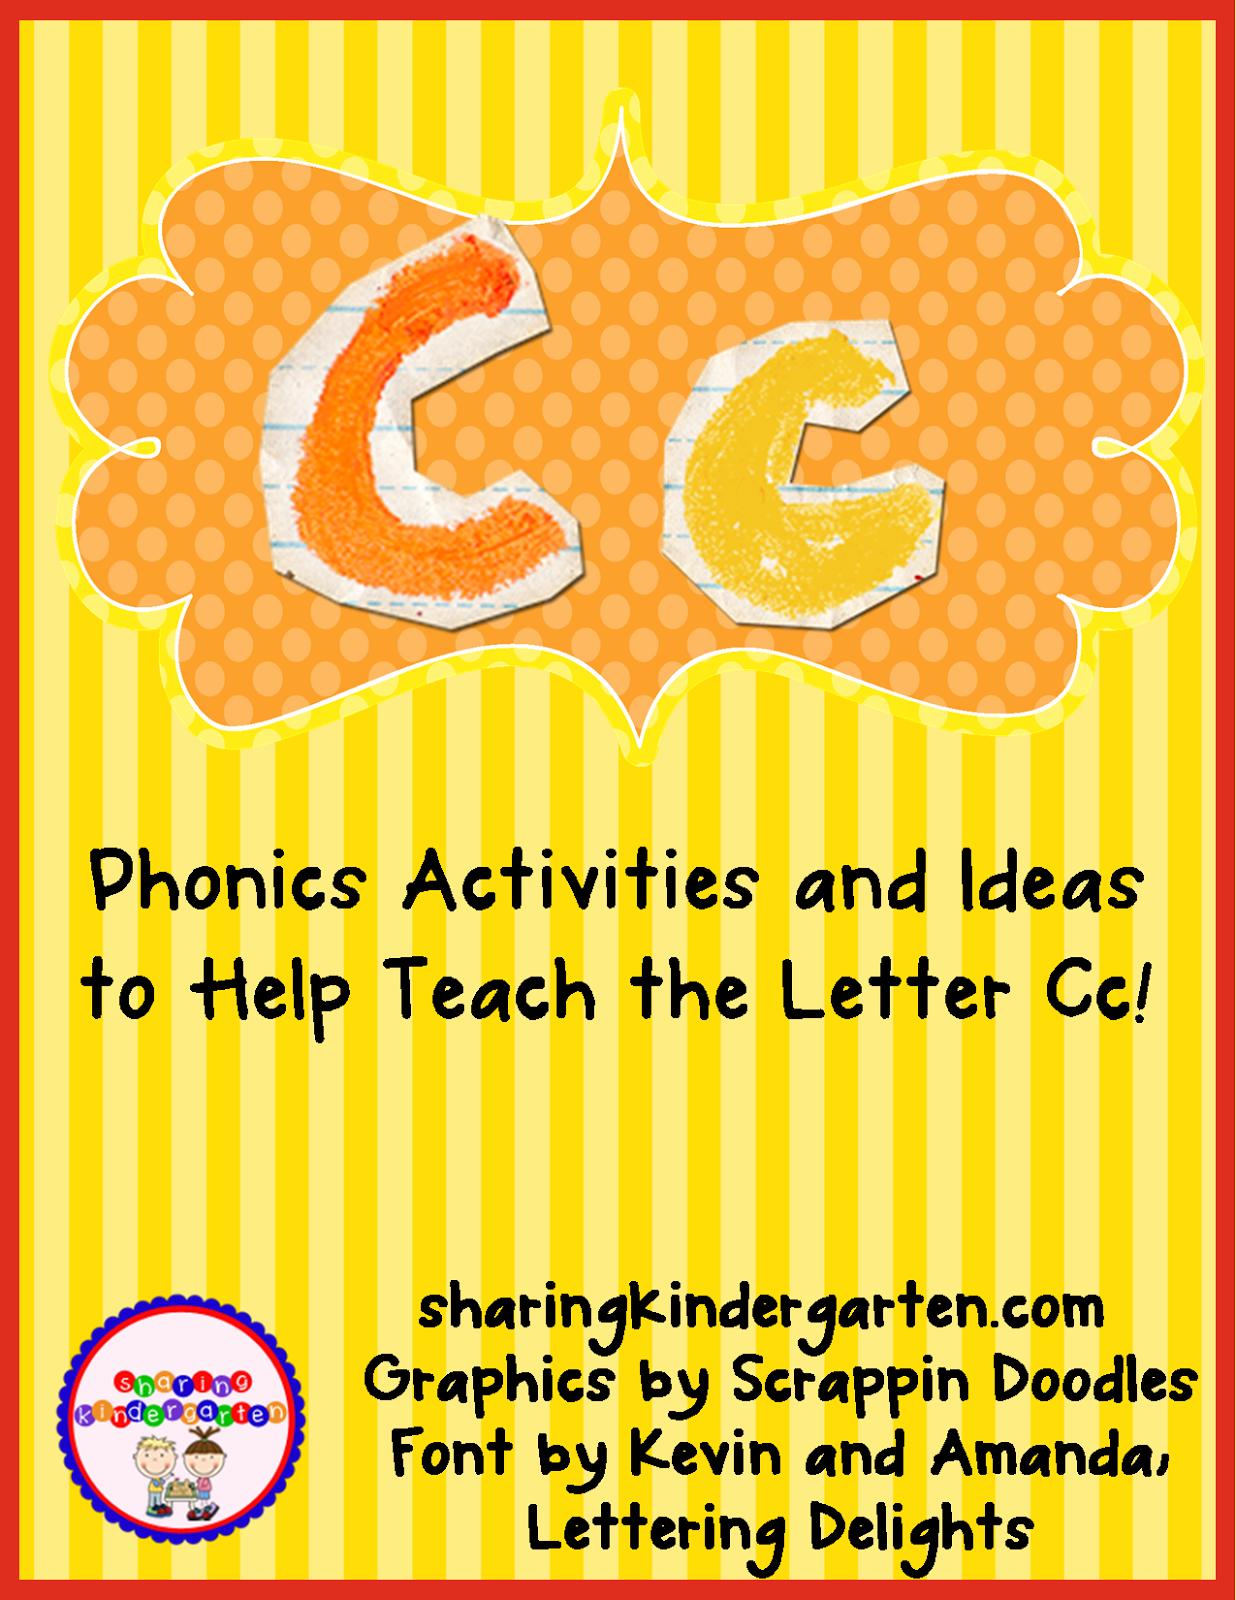 http://www.teacherspayteachers.com/Product/Cc-Activities-709140